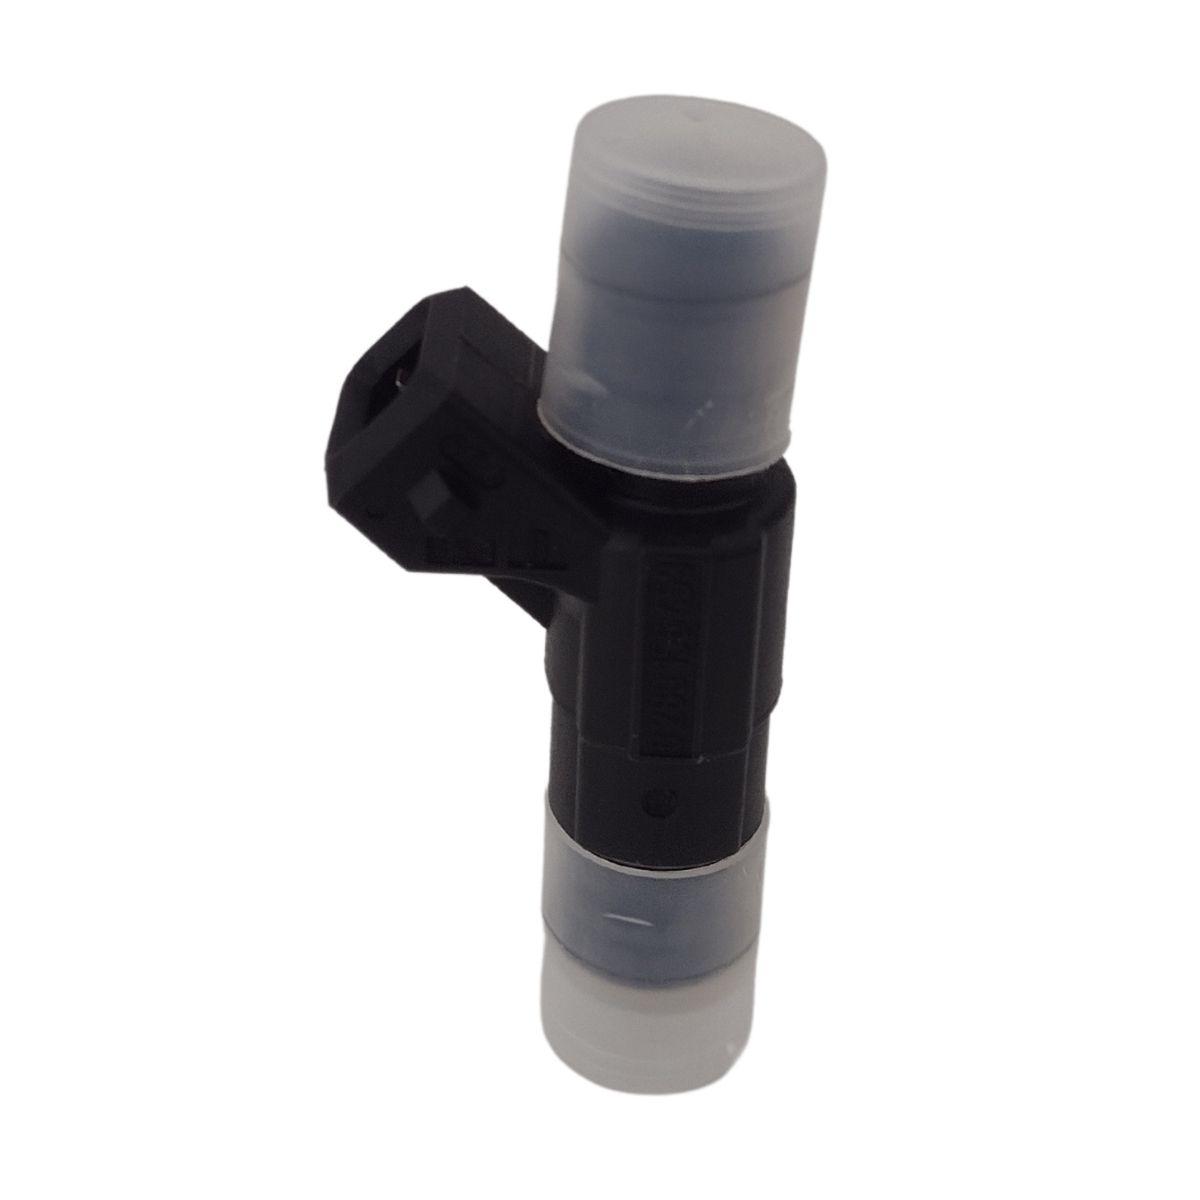 4 Bicos Injetor 65lbs 0280156453 Bosch + Conector + Brindes - Alta Impedância